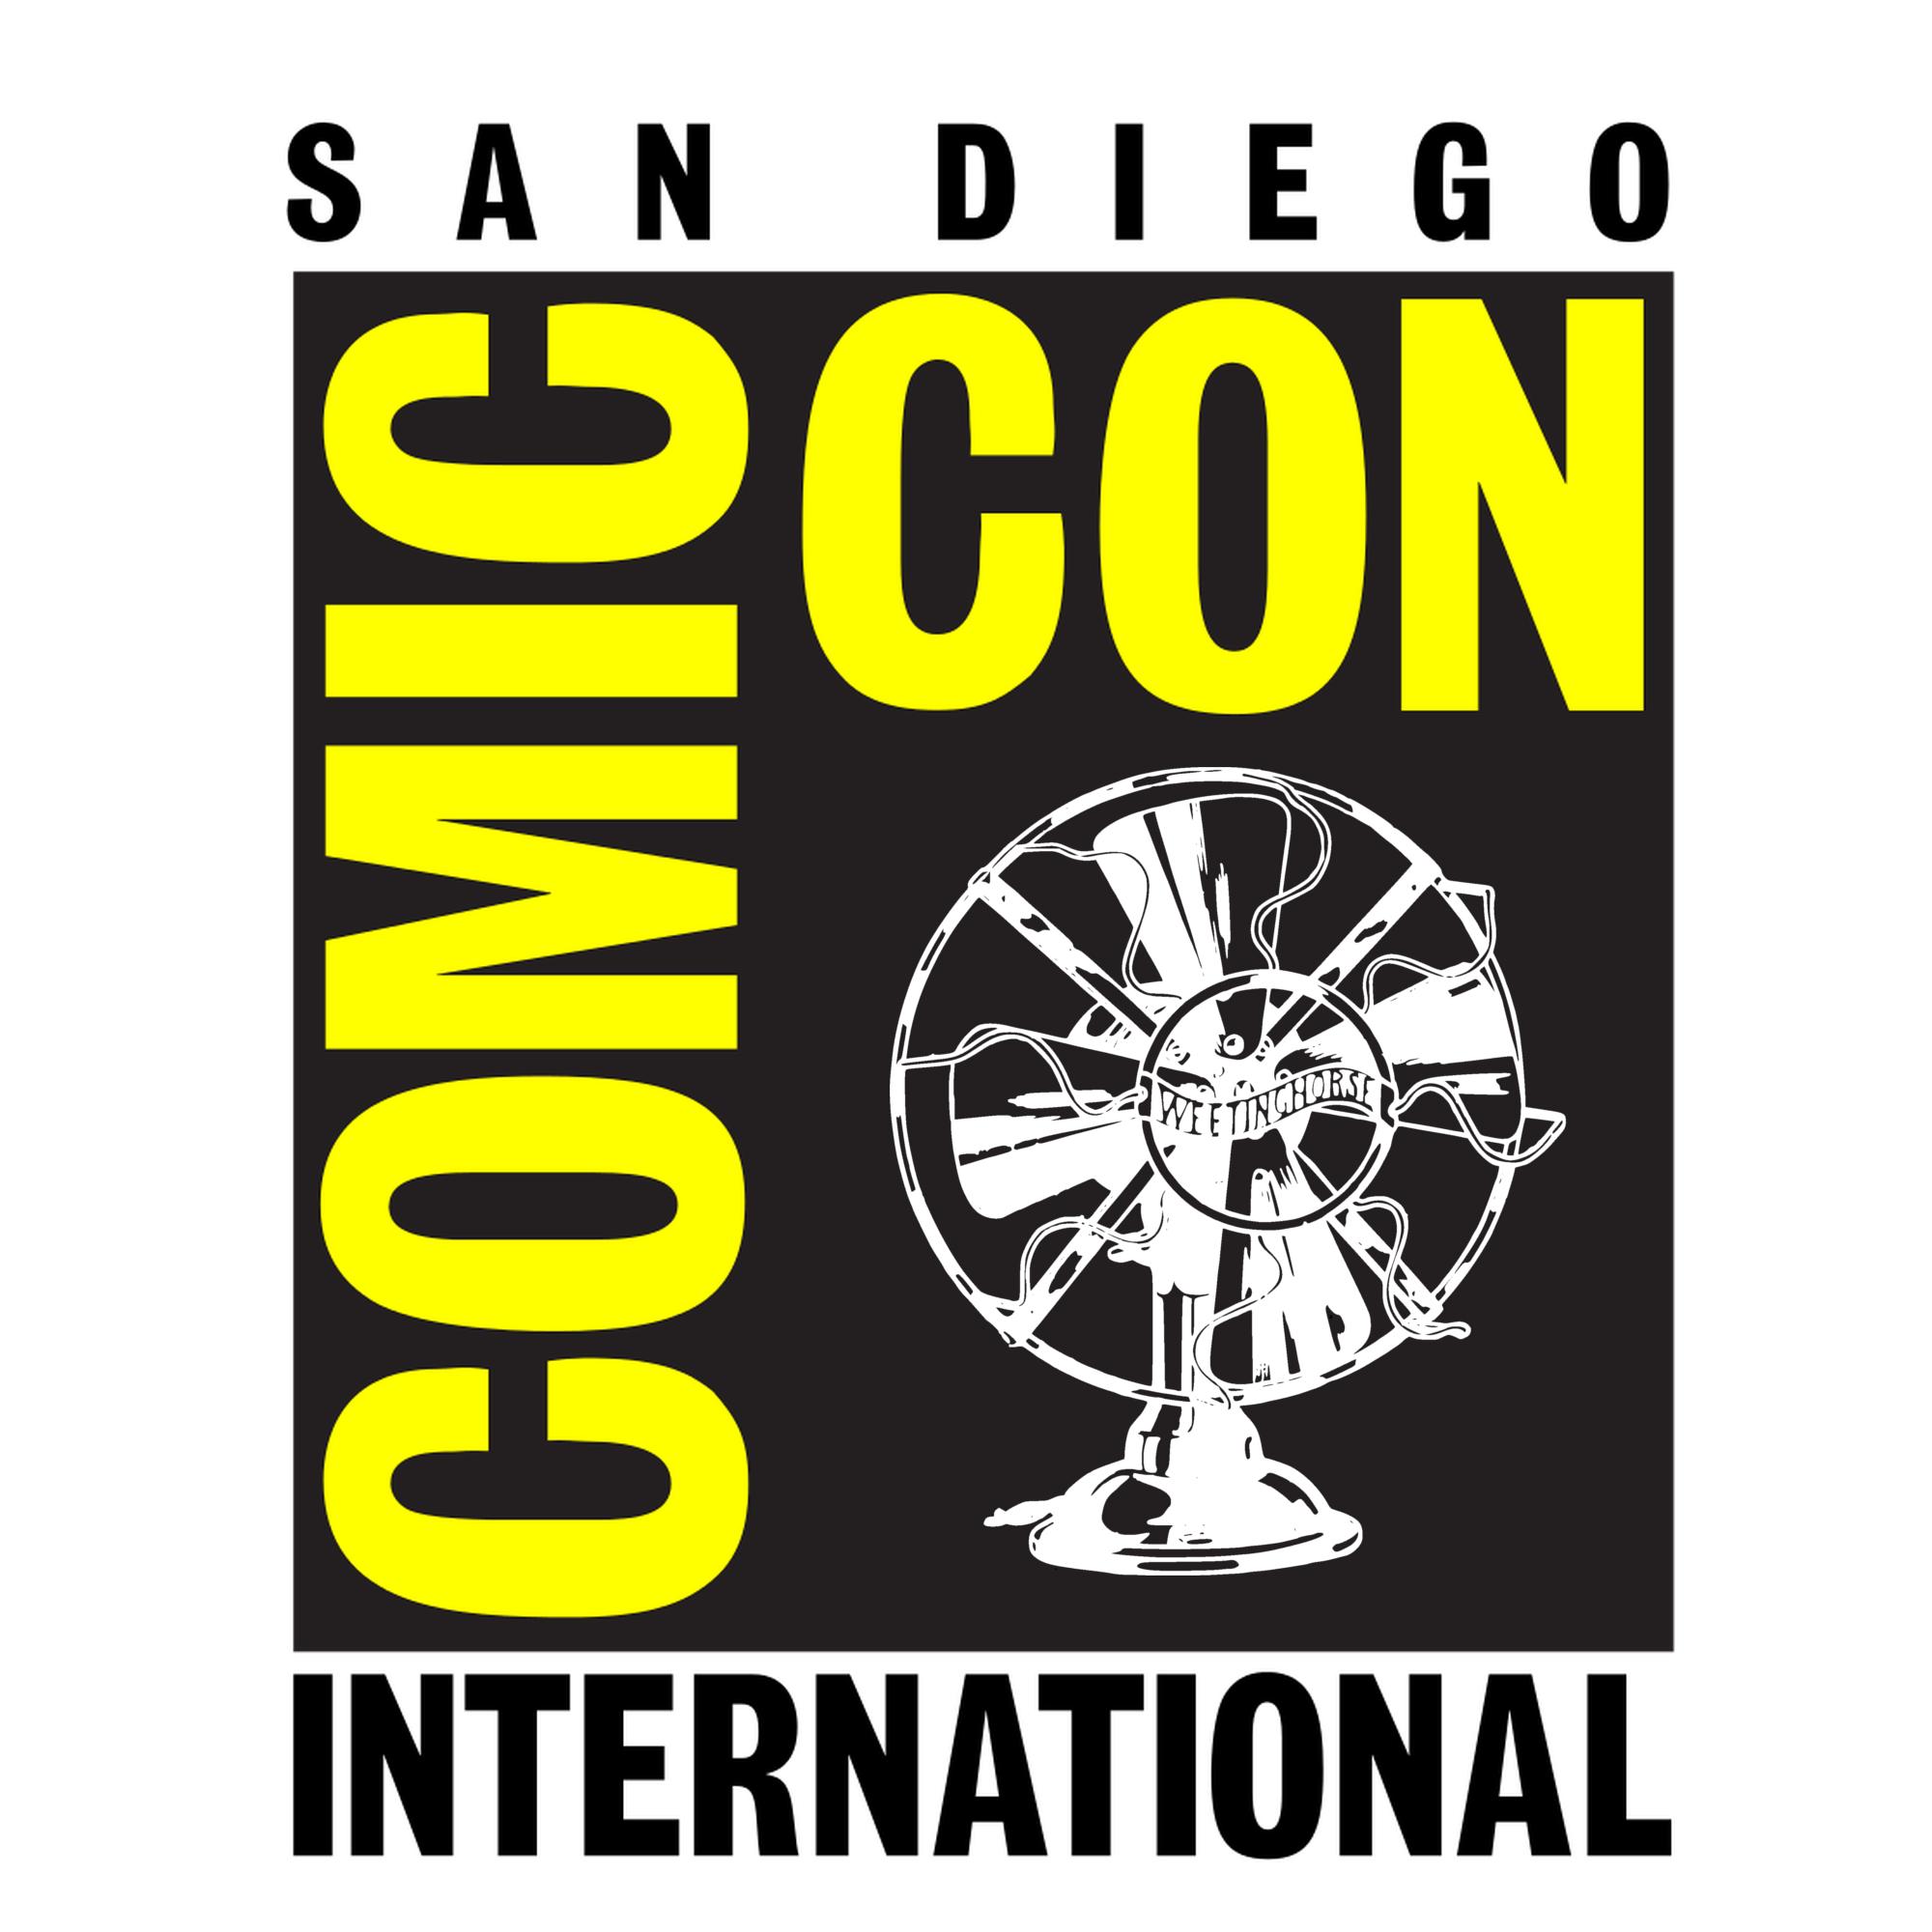 Episode 79's cover: the San Diego Comic-Con logo